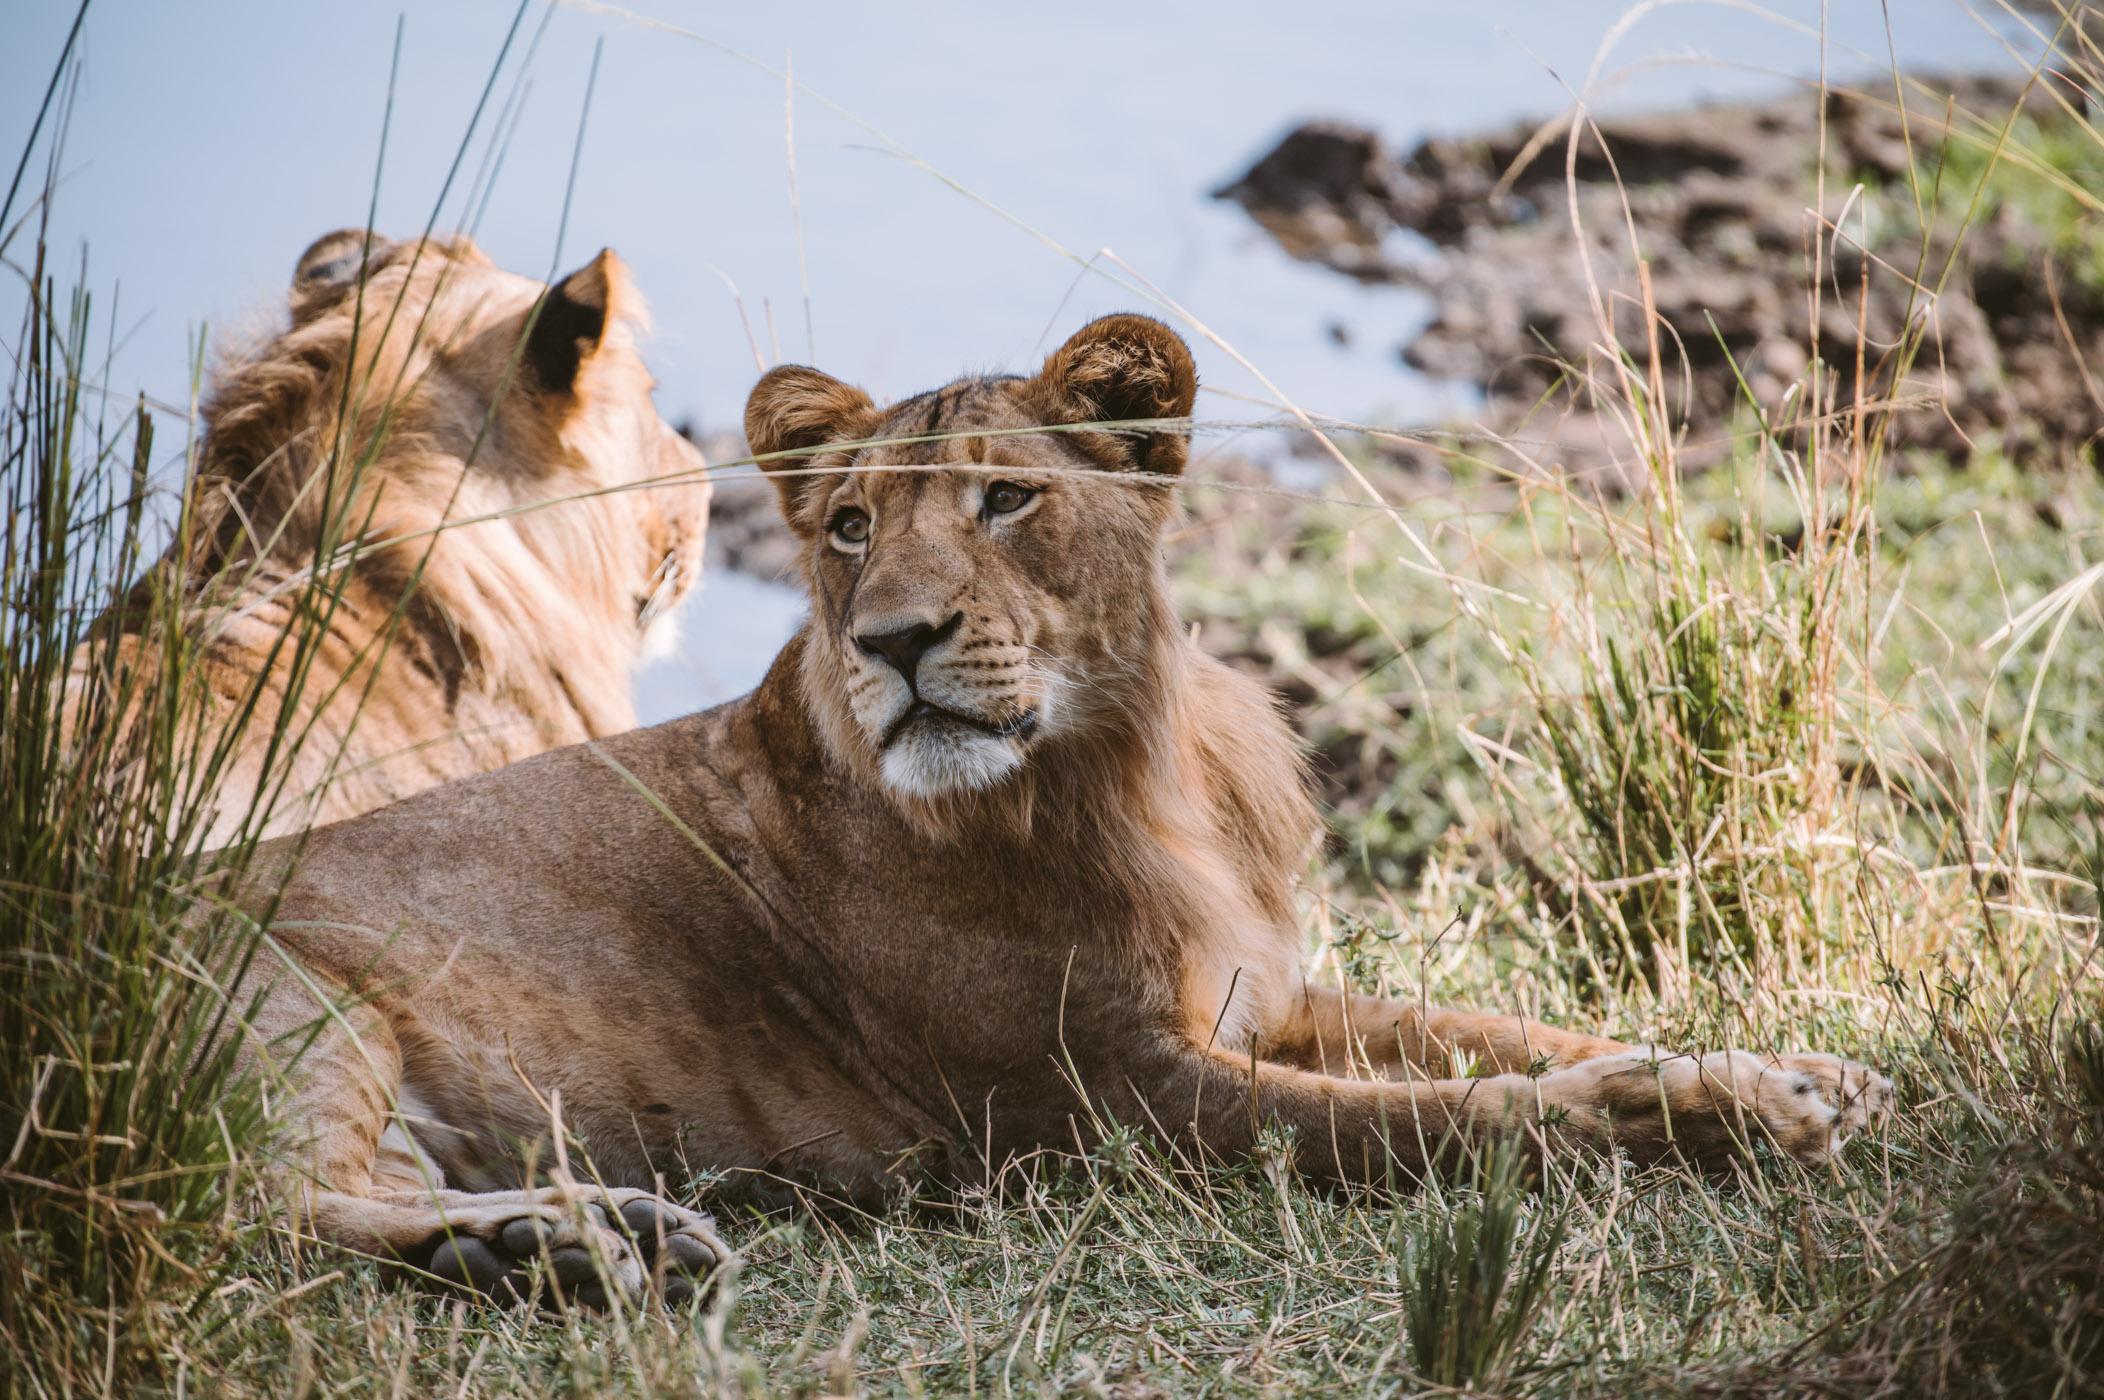 Lions in the Lower Zambezi National Park Zambia